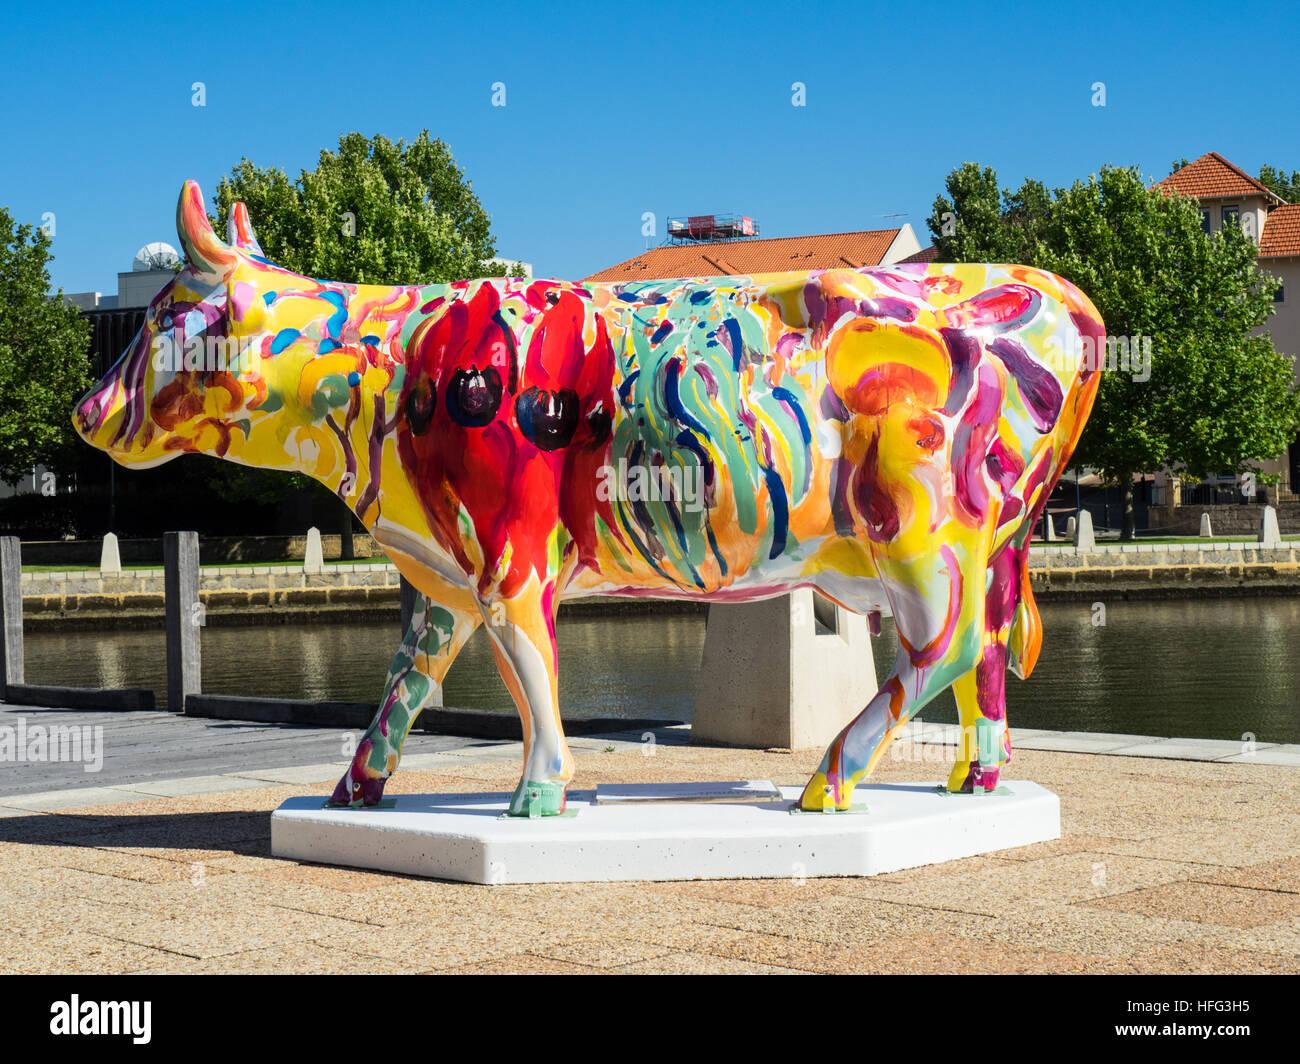 La Vie D Une Vache Cowparade Taille Sculpture Dans Perth 2016 Une Exposition D Art Public De 40 Vaches En Fibre De Verre Peint Par Des Artistes Locaux Photo Stock Alamy